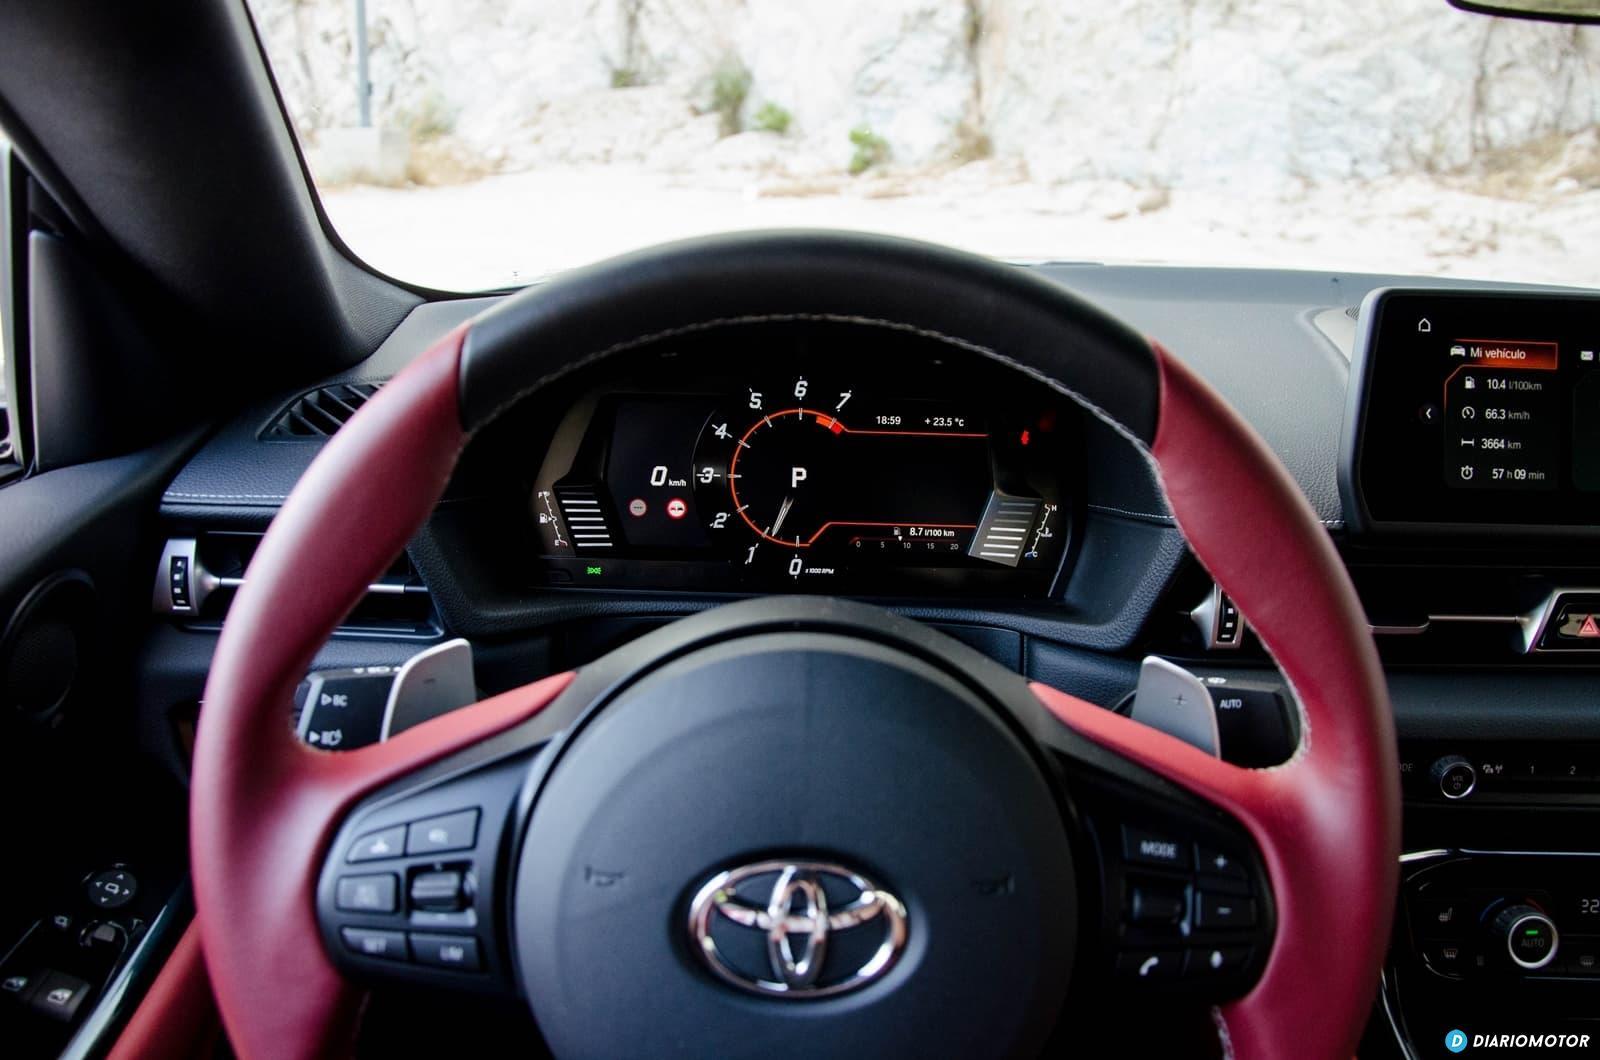 Toyota Supra A90 Edition Dcd volante y cuadro de instrumentos